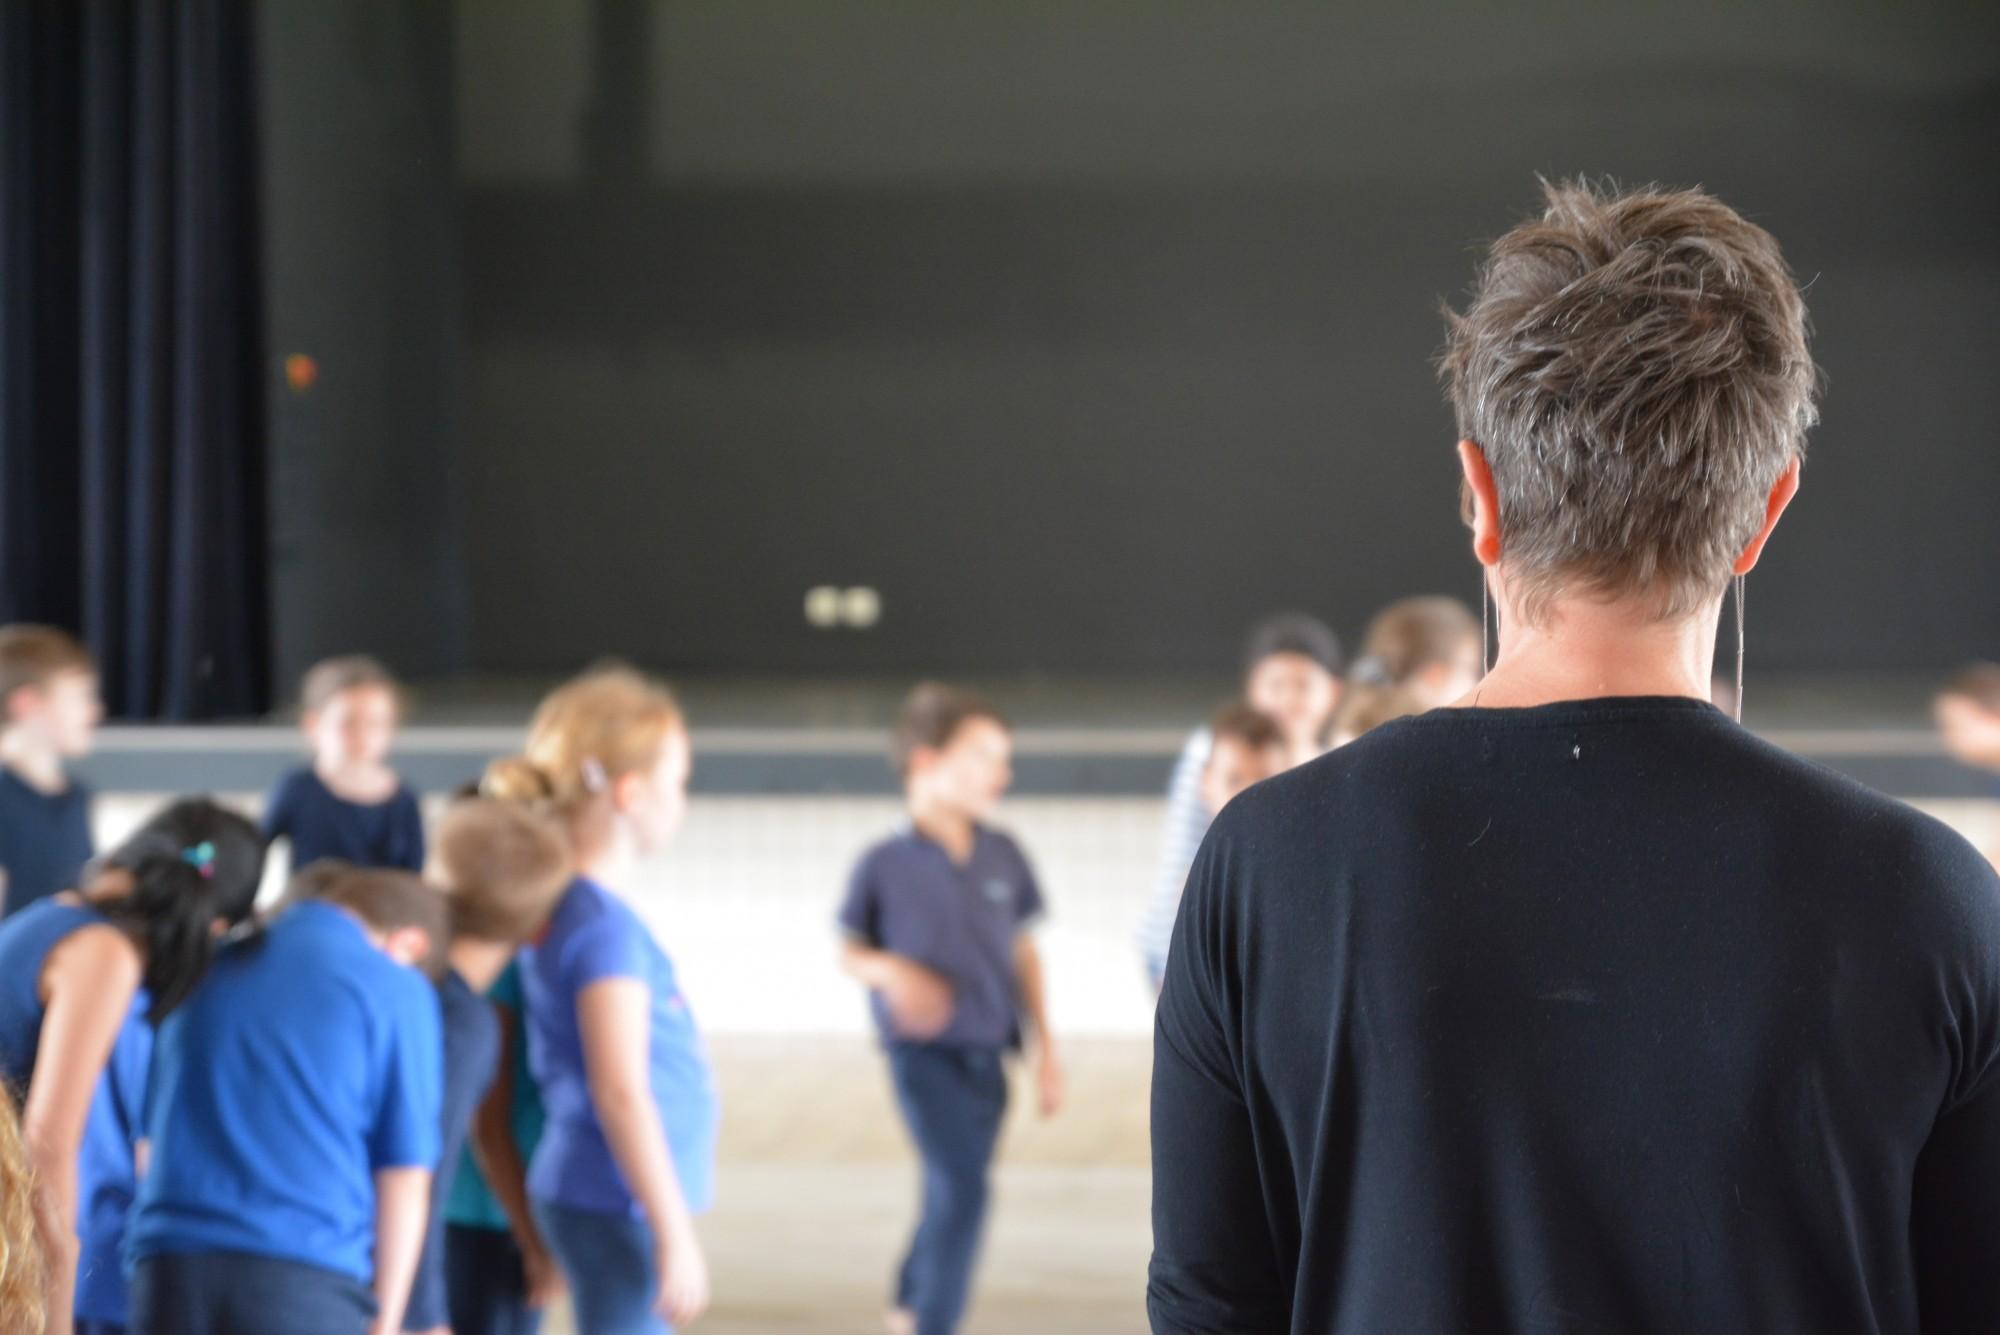 Cours de danse <br> <span class='orleans'>DãnCÏNG KÎďS</span>